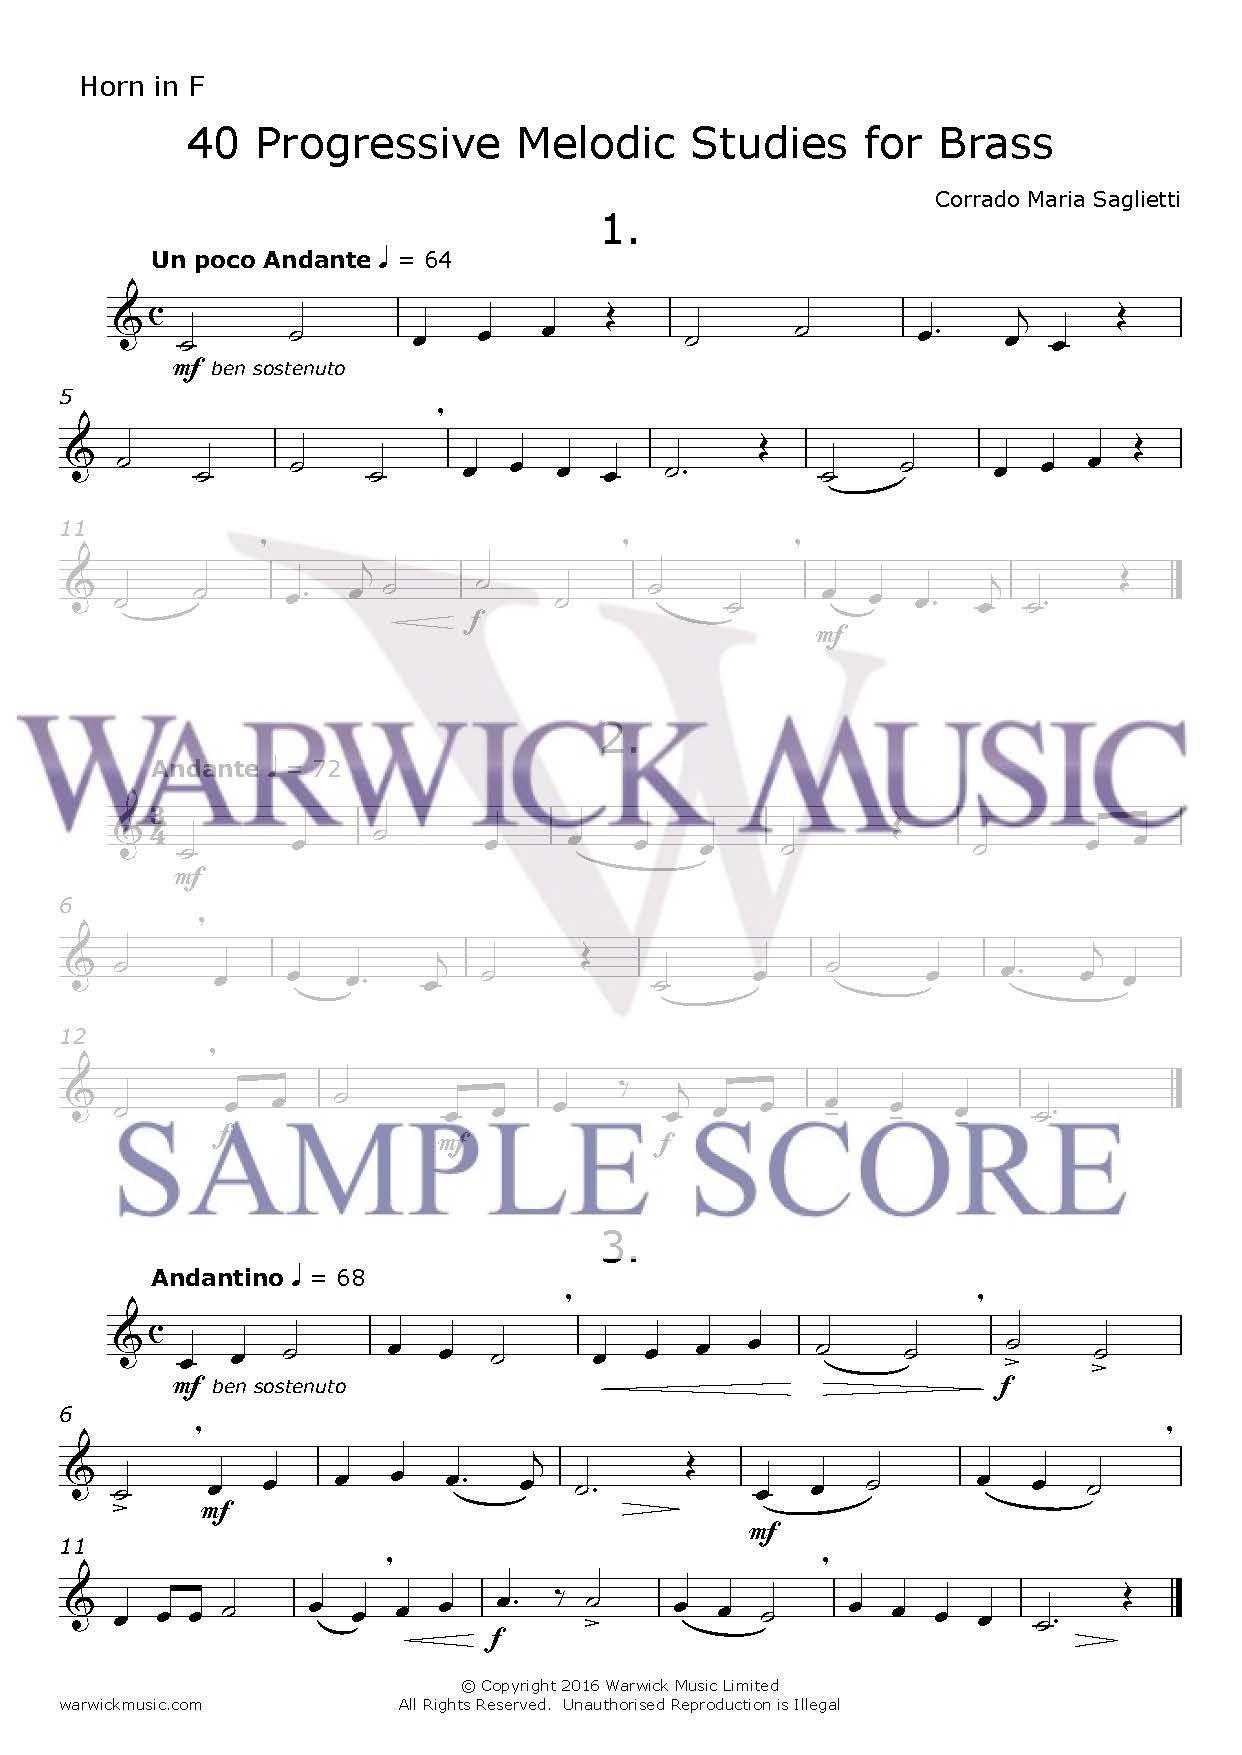 Corrado Maria Saglietti: 40 Progressive Melodic Studies for Brass: French Horn